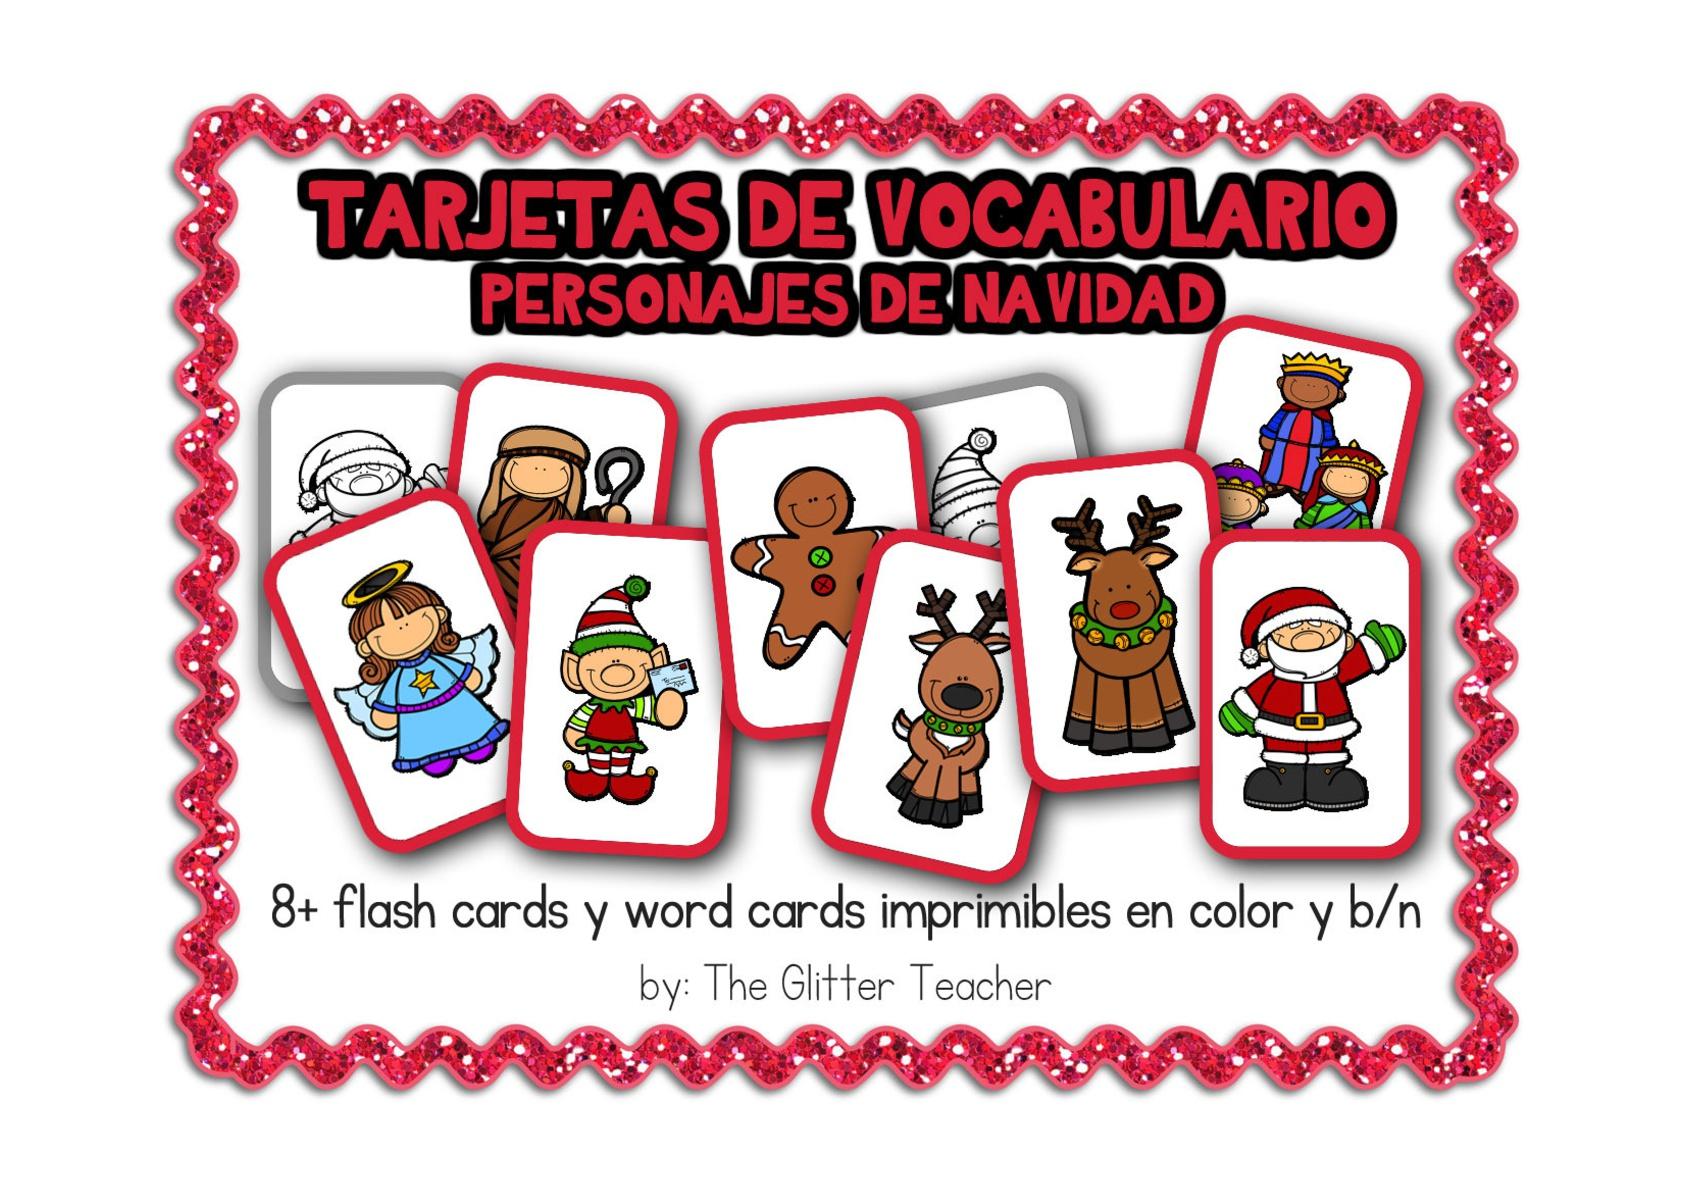 tarjetas-de-vocabulario-de-personajes-de-navidad1 - Orientación ...